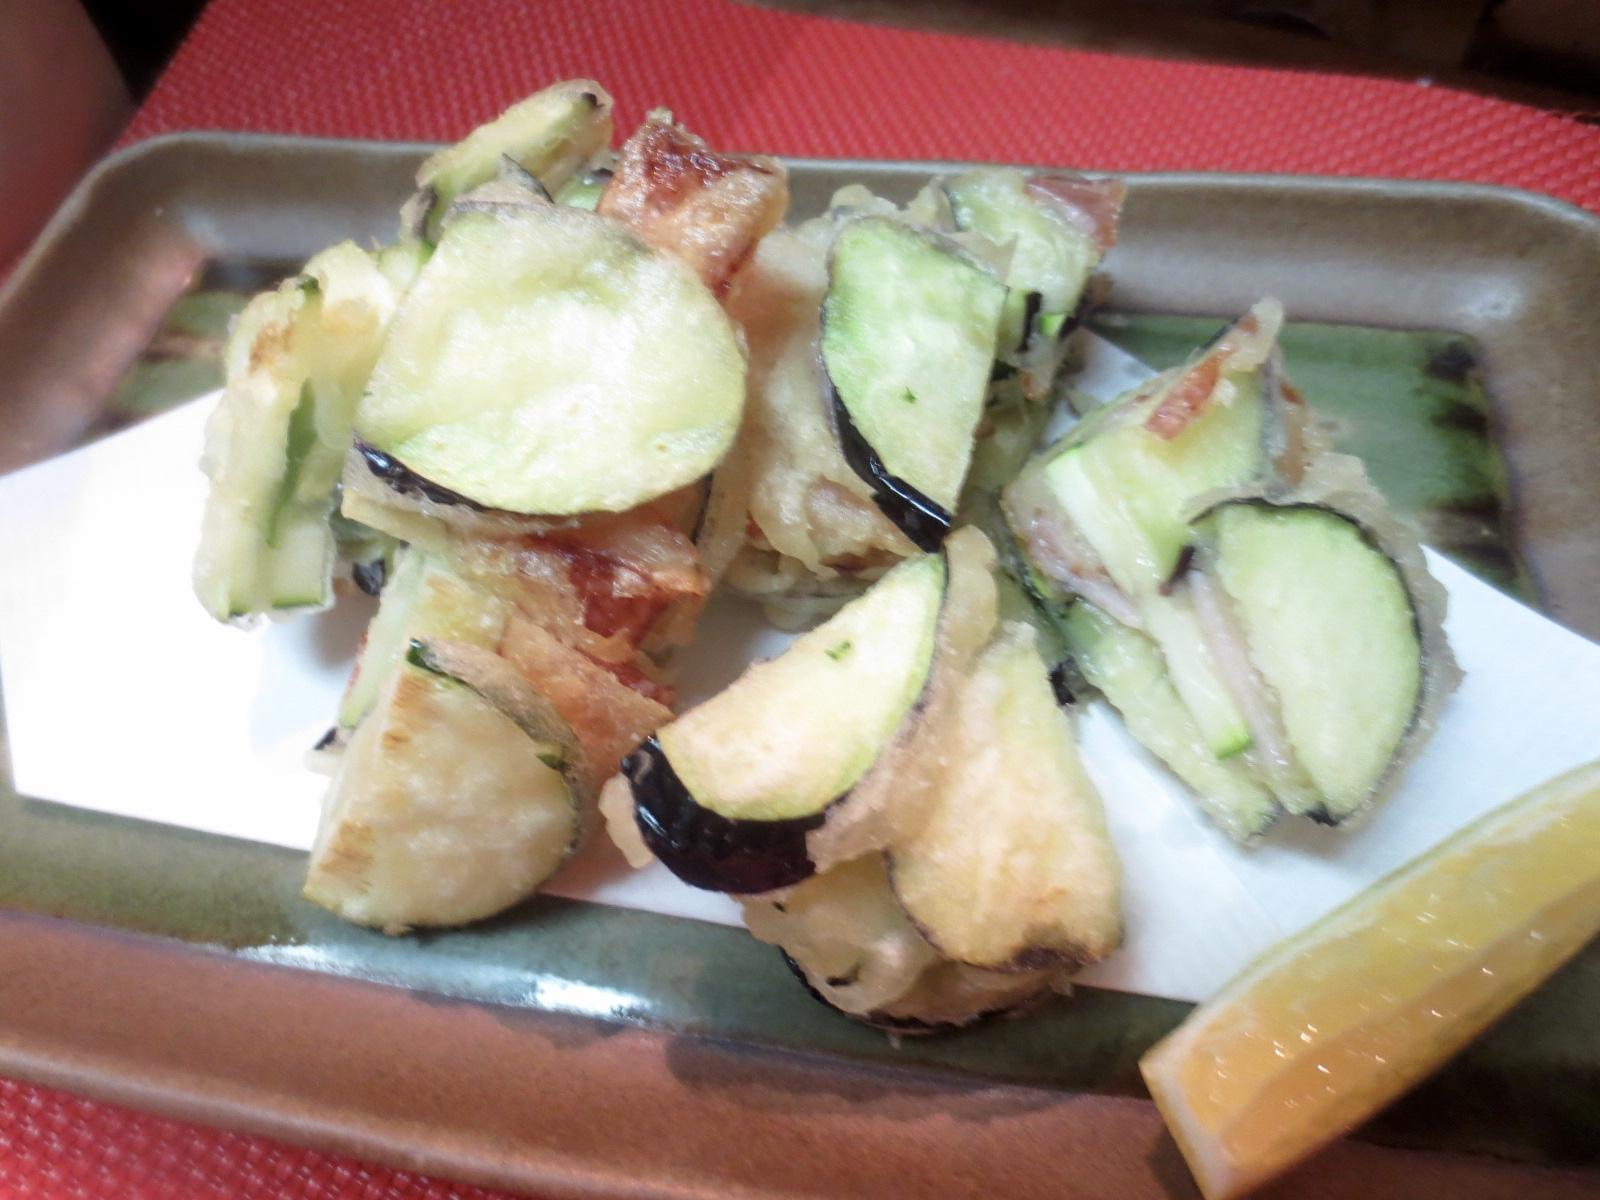 ズッキーニ、茄子、ベーコンかき揚げ